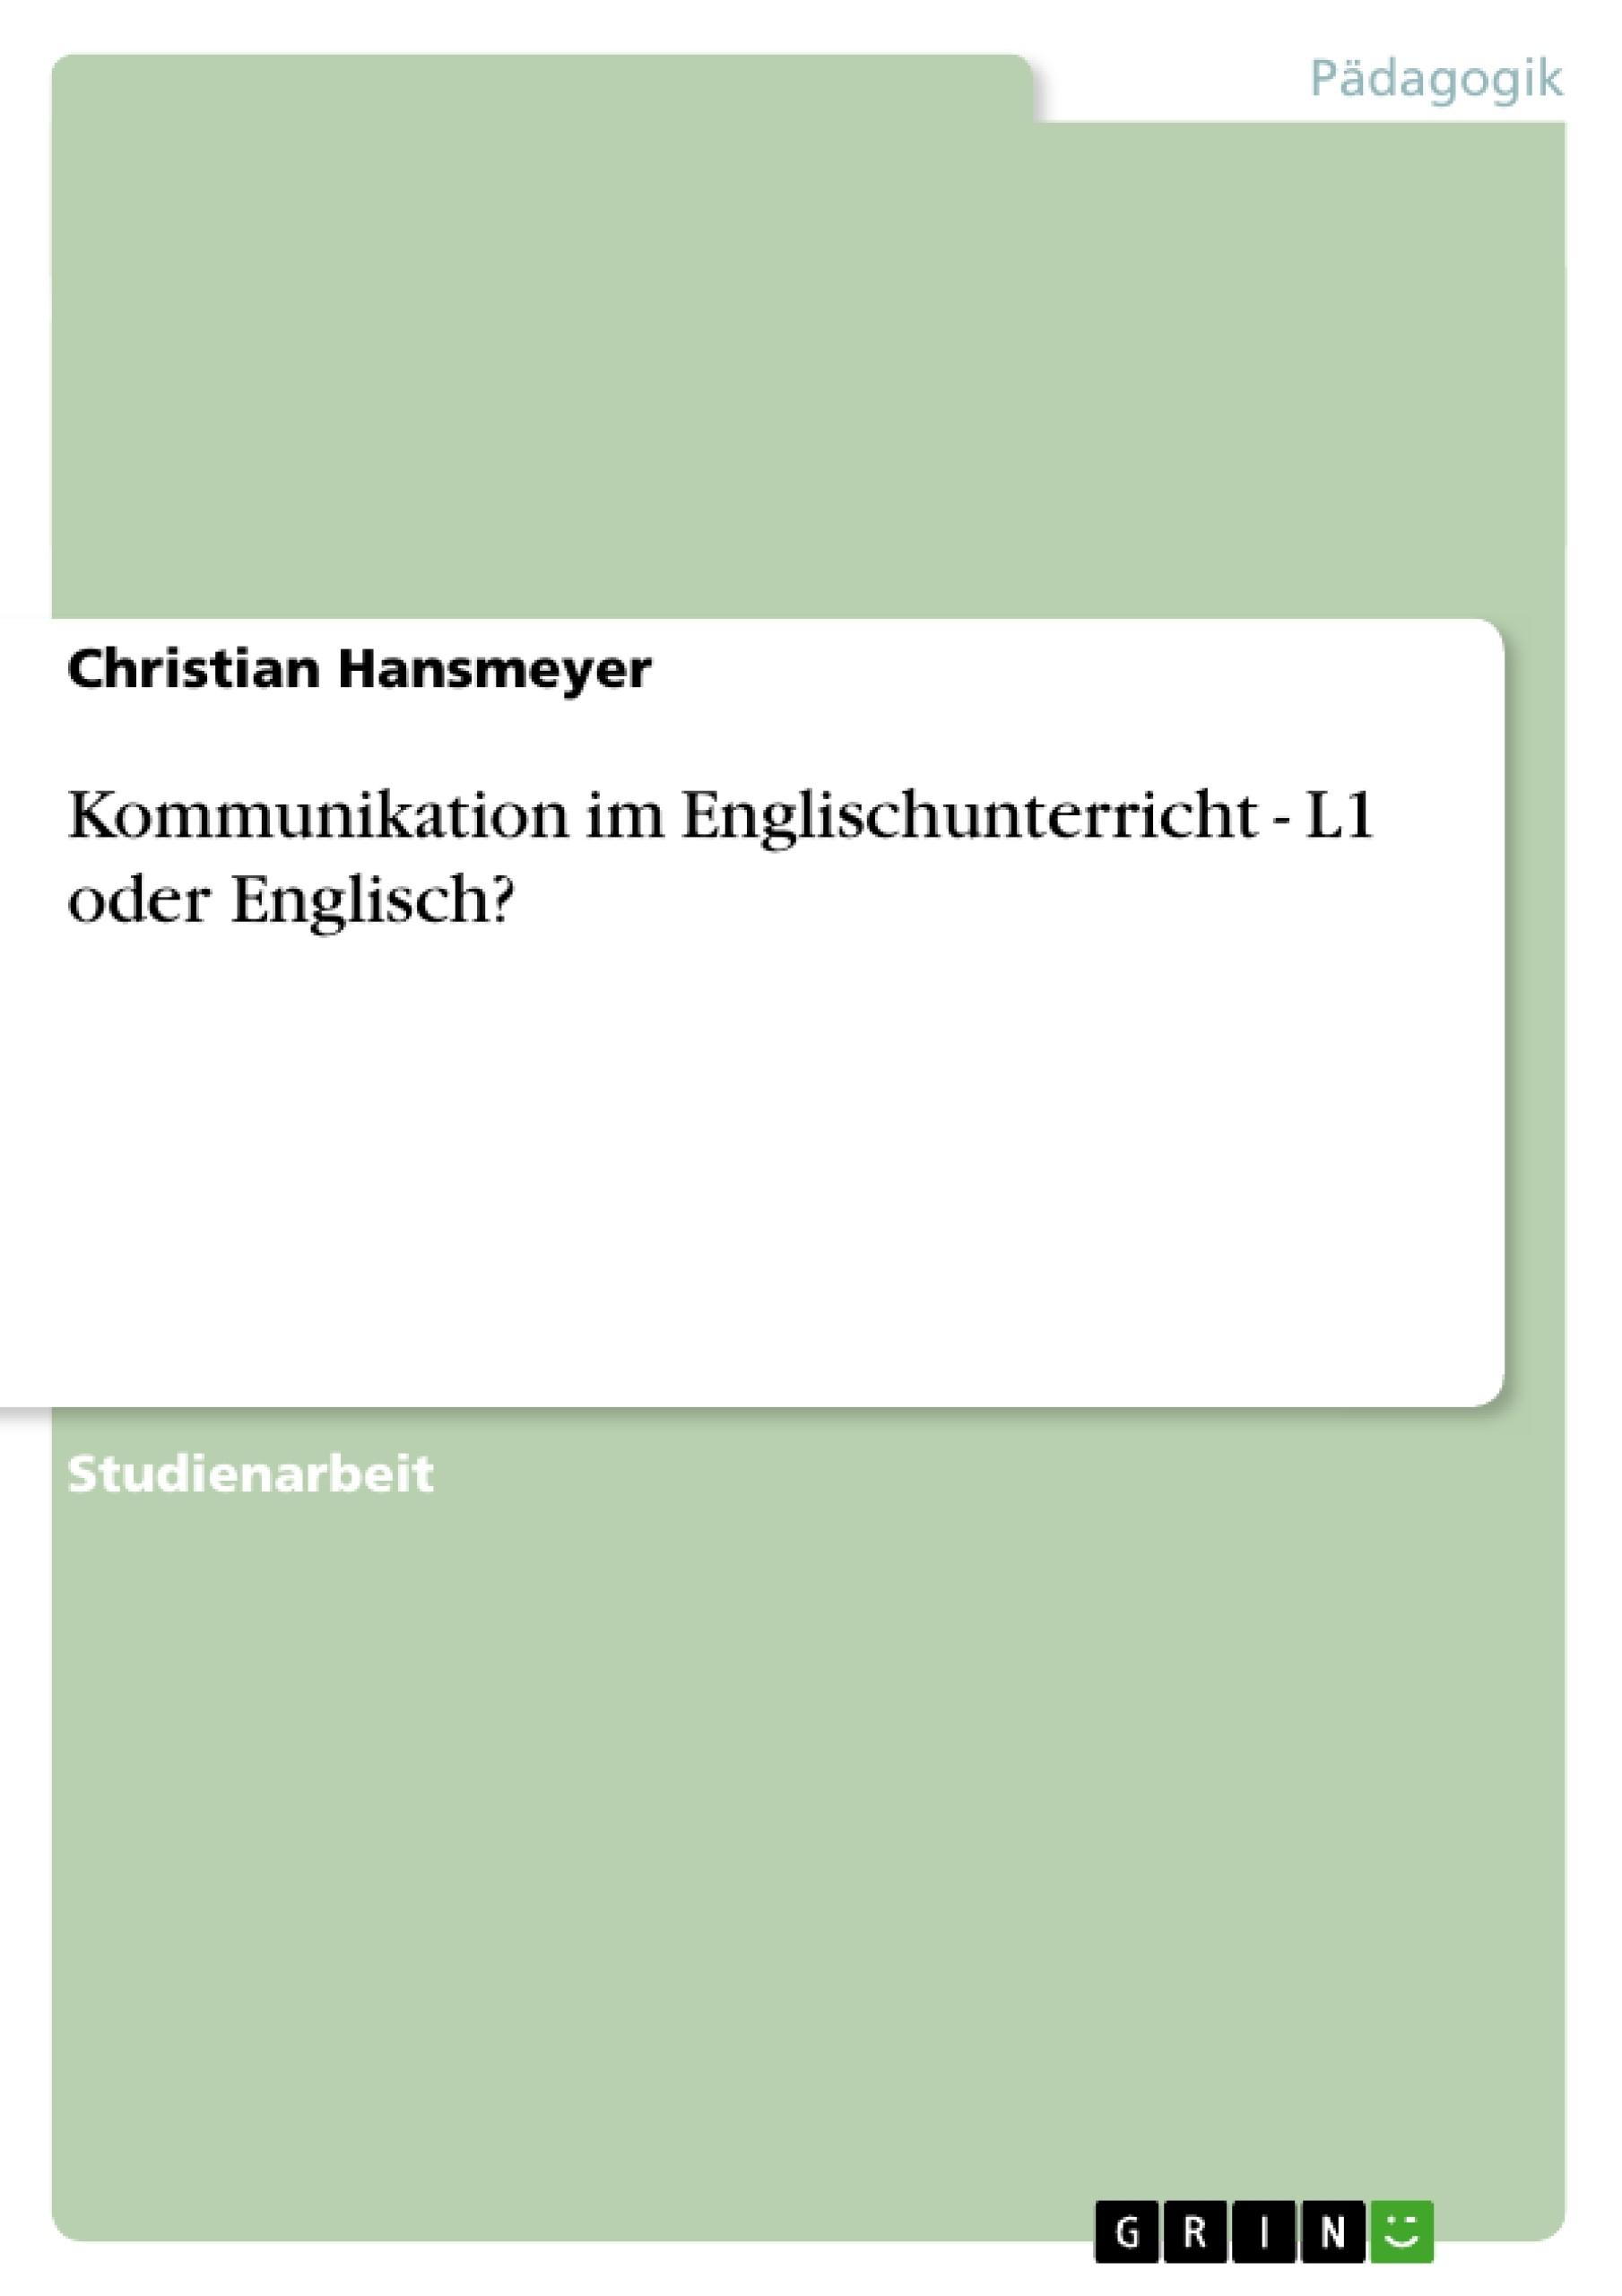 Titel: Kommunikation im Englischunterricht - L1 oder Englisch?